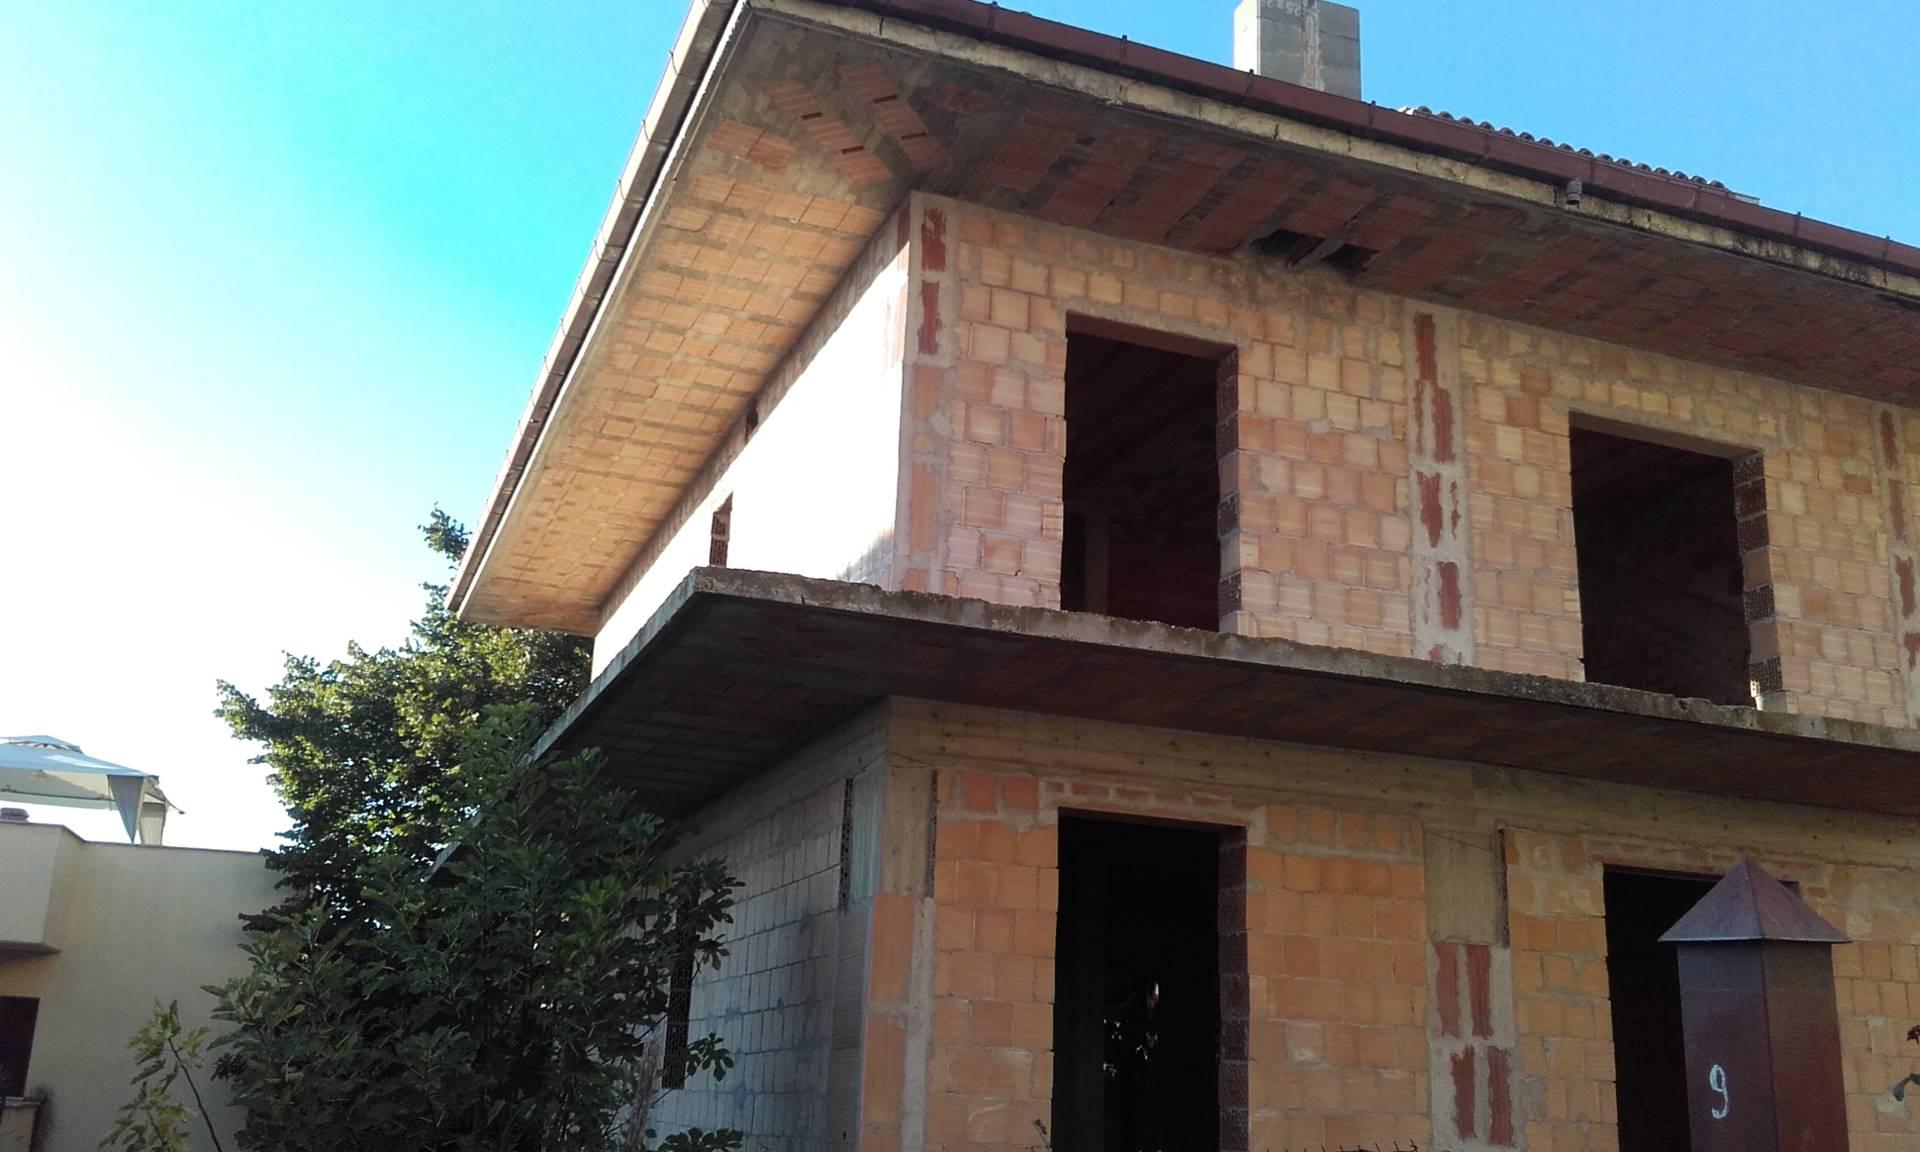 Soluzione Indipendente in vendita a Marcellina, 4 locali, zona Località: Paese, prezzo € 320.000 | CambioCasa.it